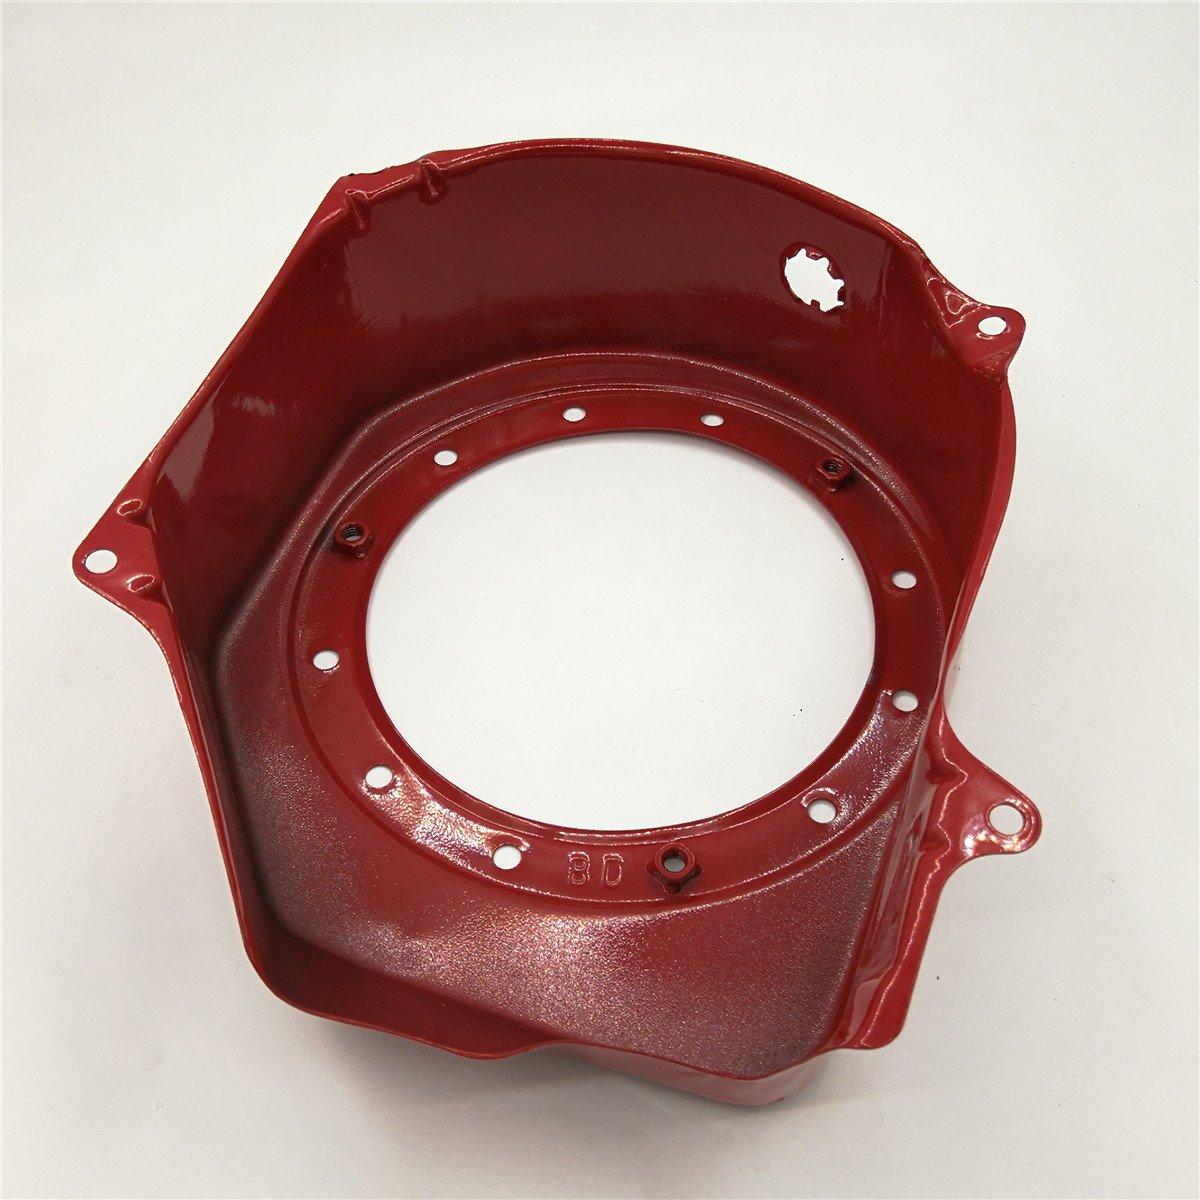 Cancanle Recoil Fan Cover Shroud for Honda GX160 5.5HP GX200 6.5HP Engine Motor Generator Pull Starter Cover